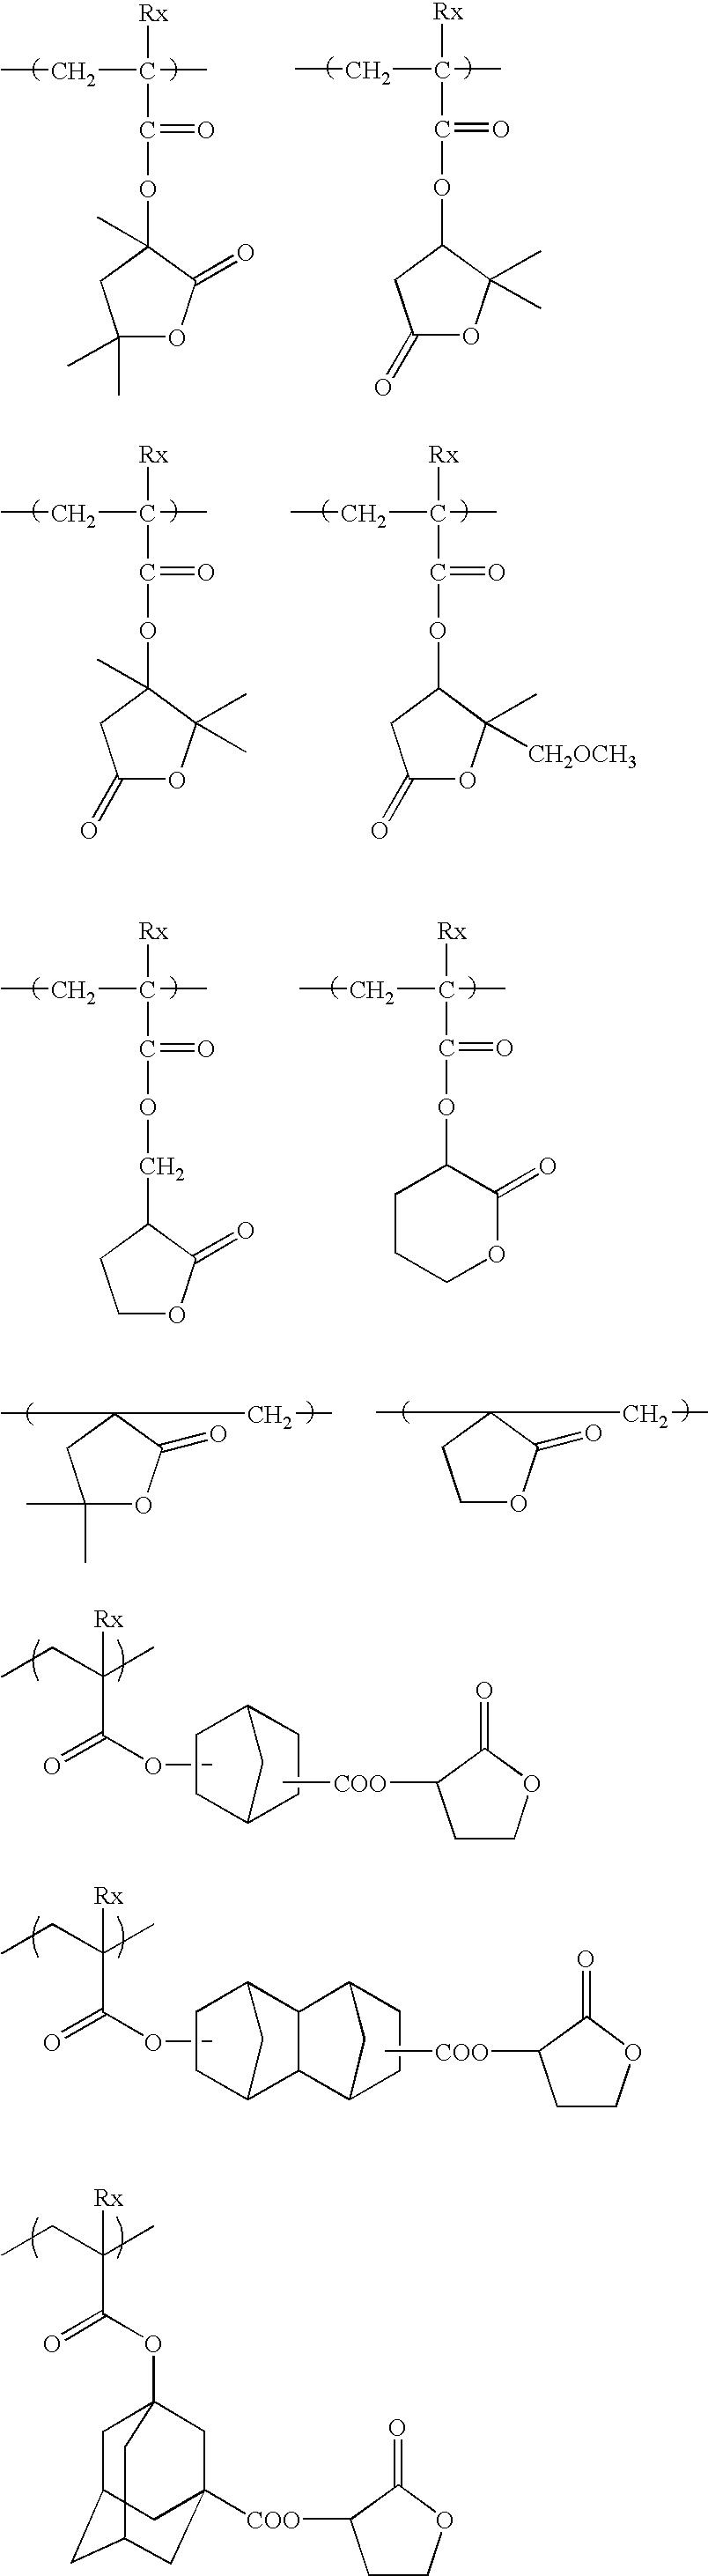 Figure US08637229-20140128-C00022